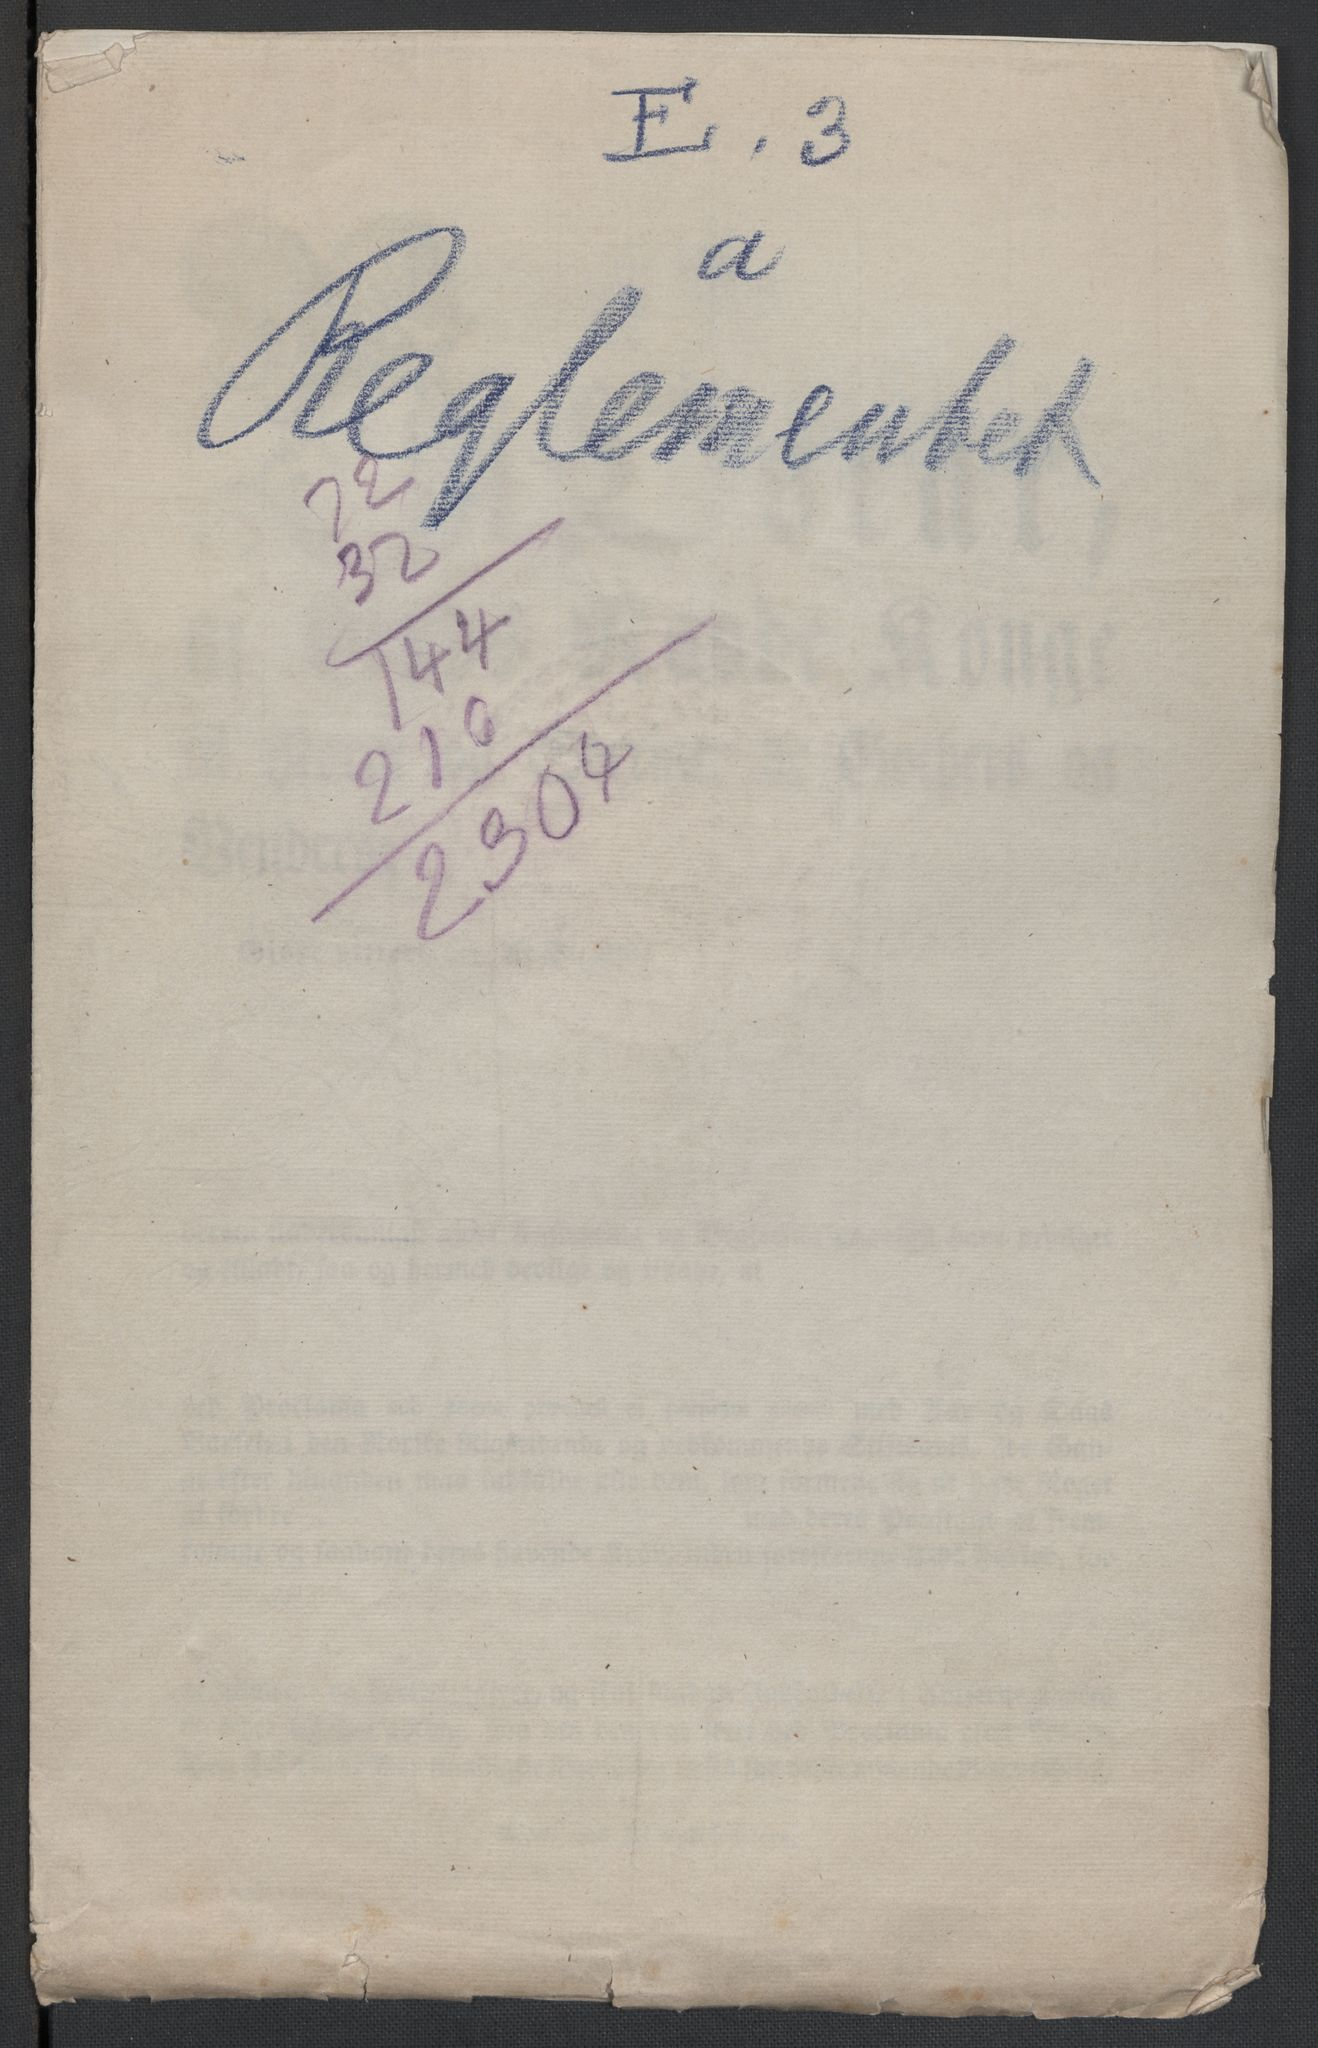 RA, Christie, Wilhelm Frimann Koren, F/L0005, 1815-1816, s. 106